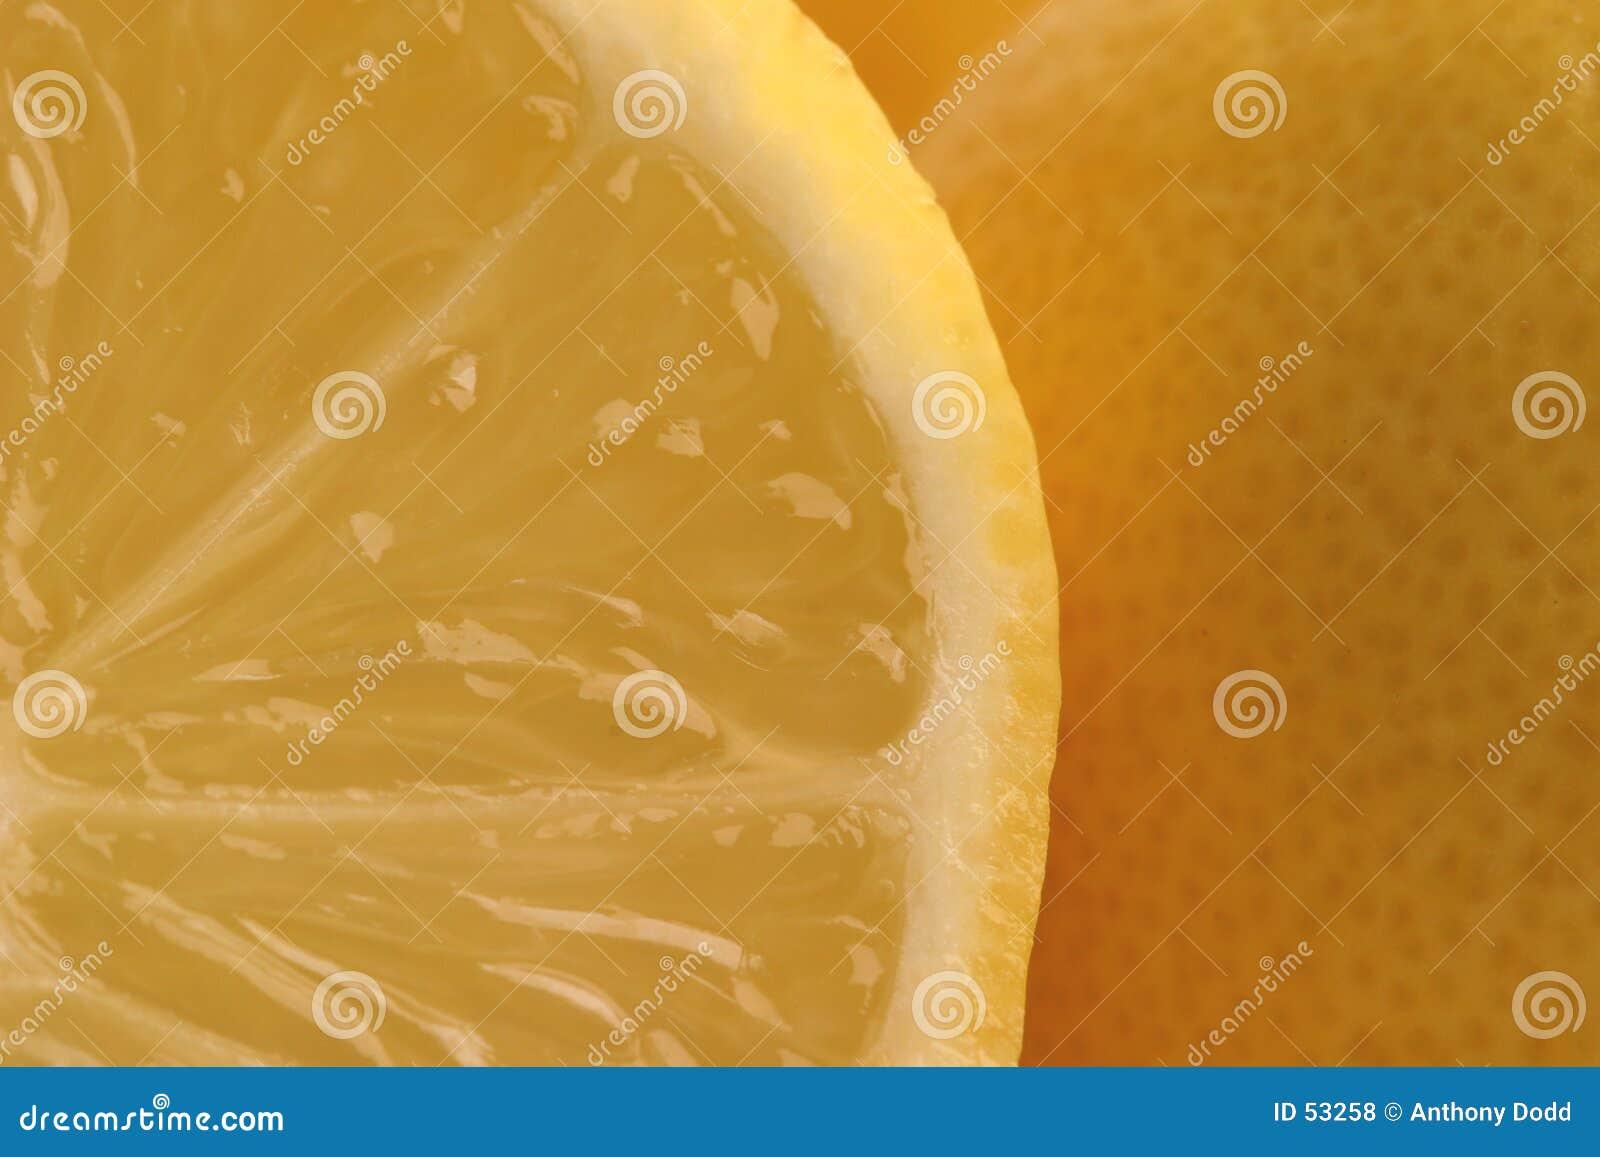 Segmentos do limão